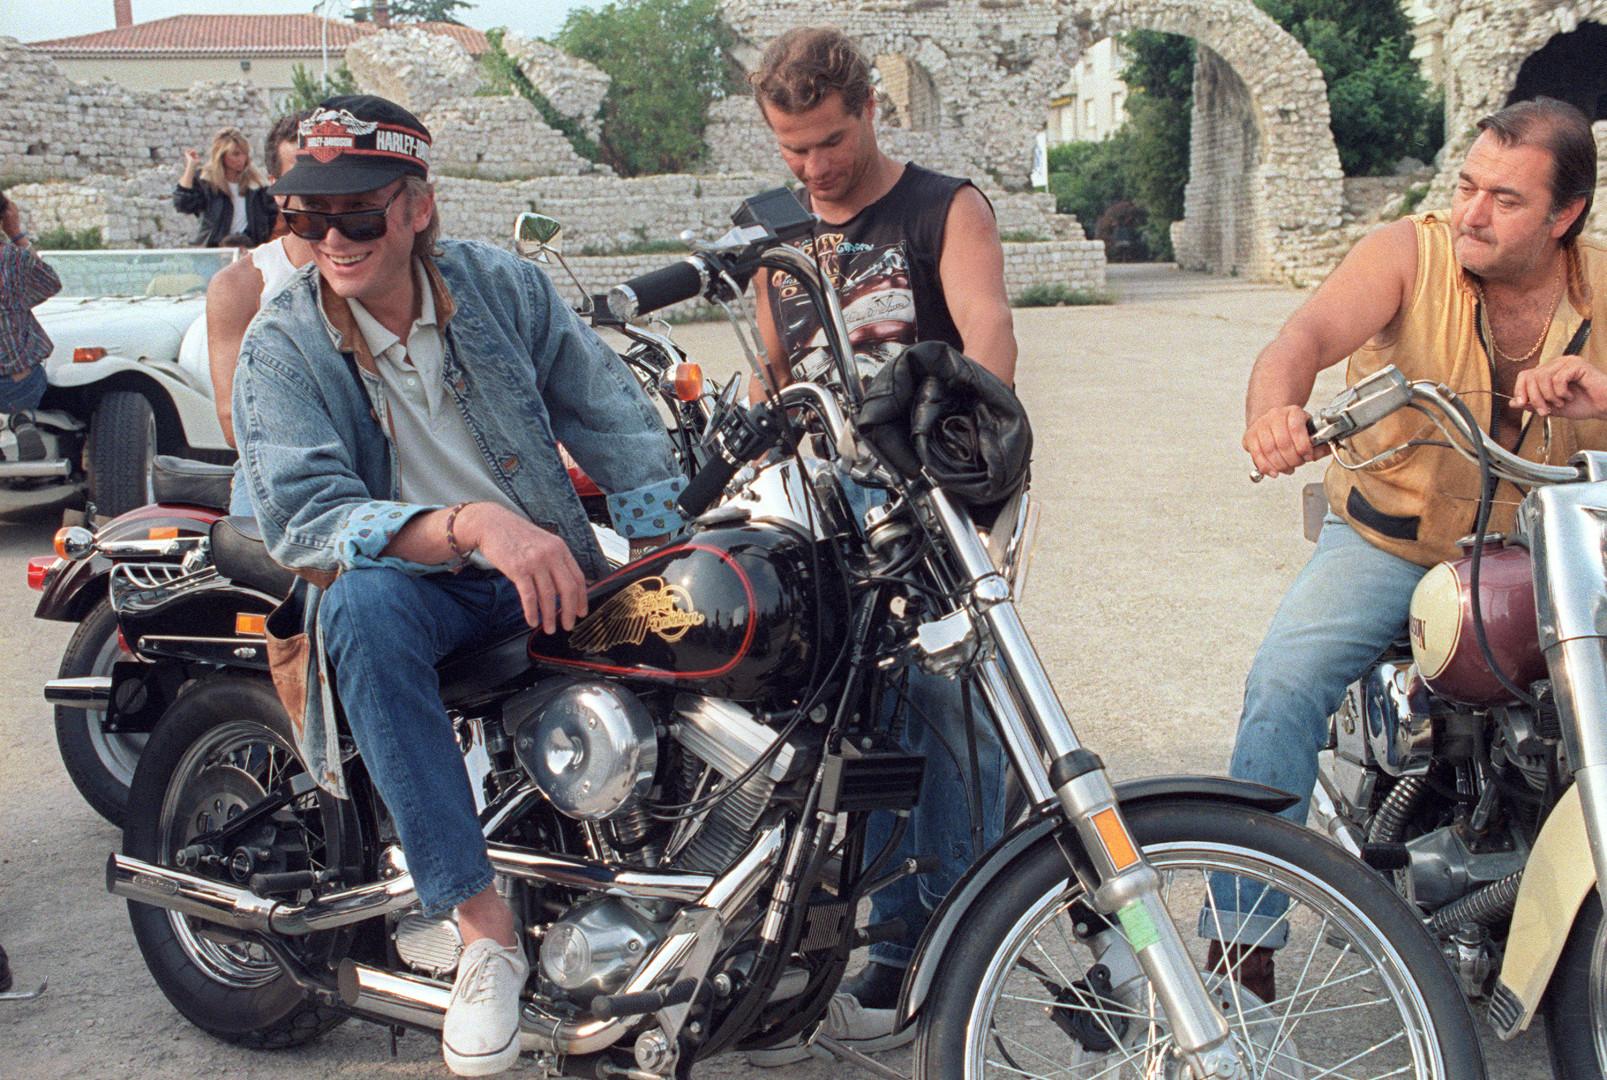 9 août 1987 : Johnny assis sur une Harley-Davidson à Nice lors du tournage d'un film publicitaire